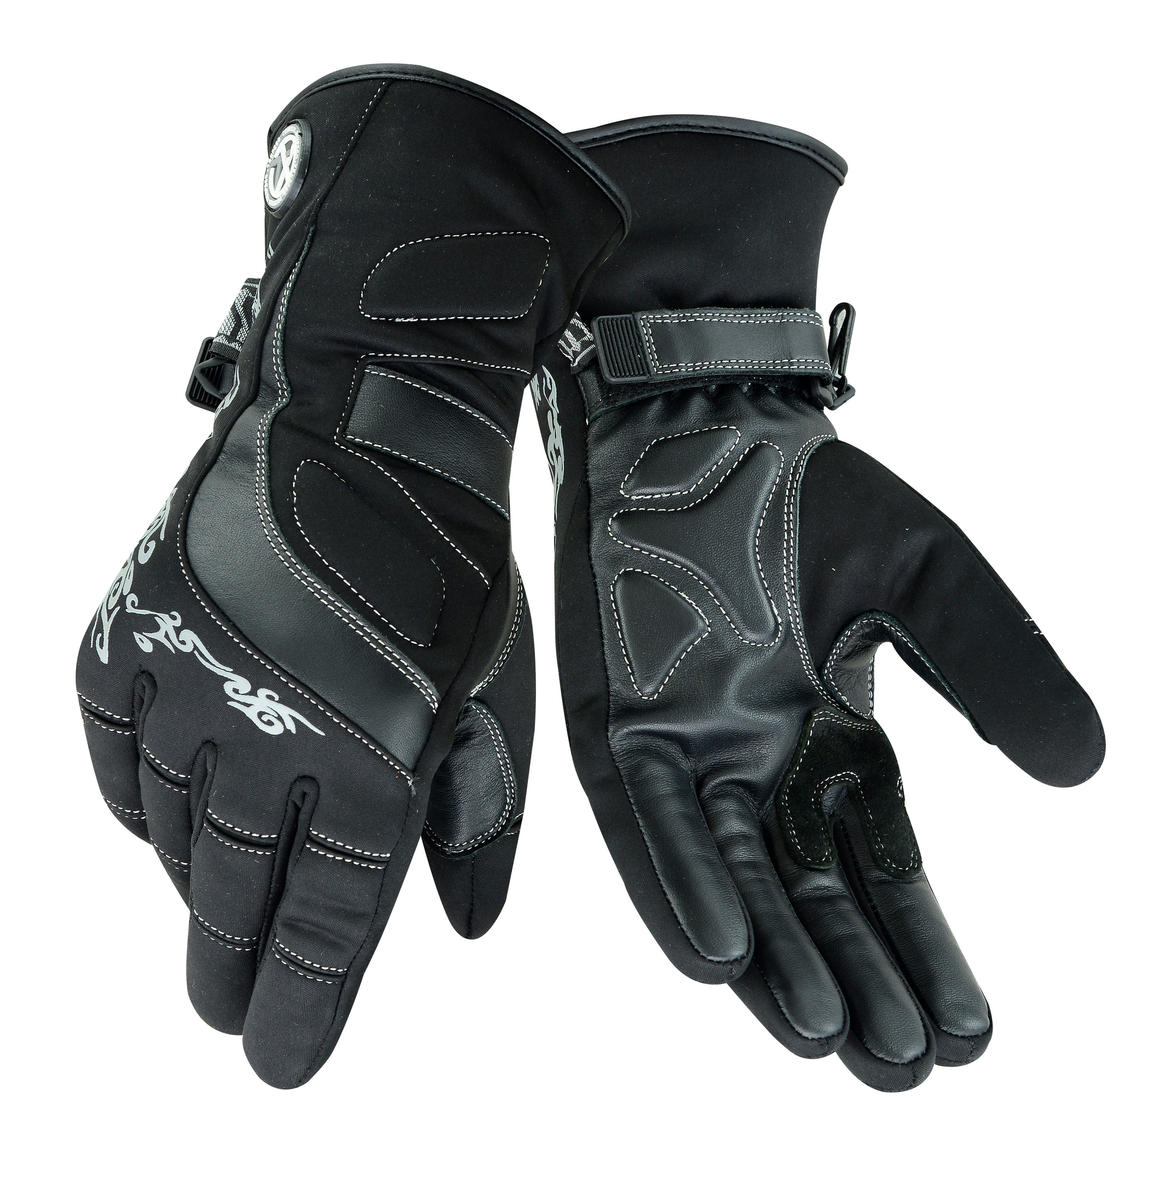 Womens Leather Motorcycle Warm Gloves Ladies Black Motorbike Waterproof Biker